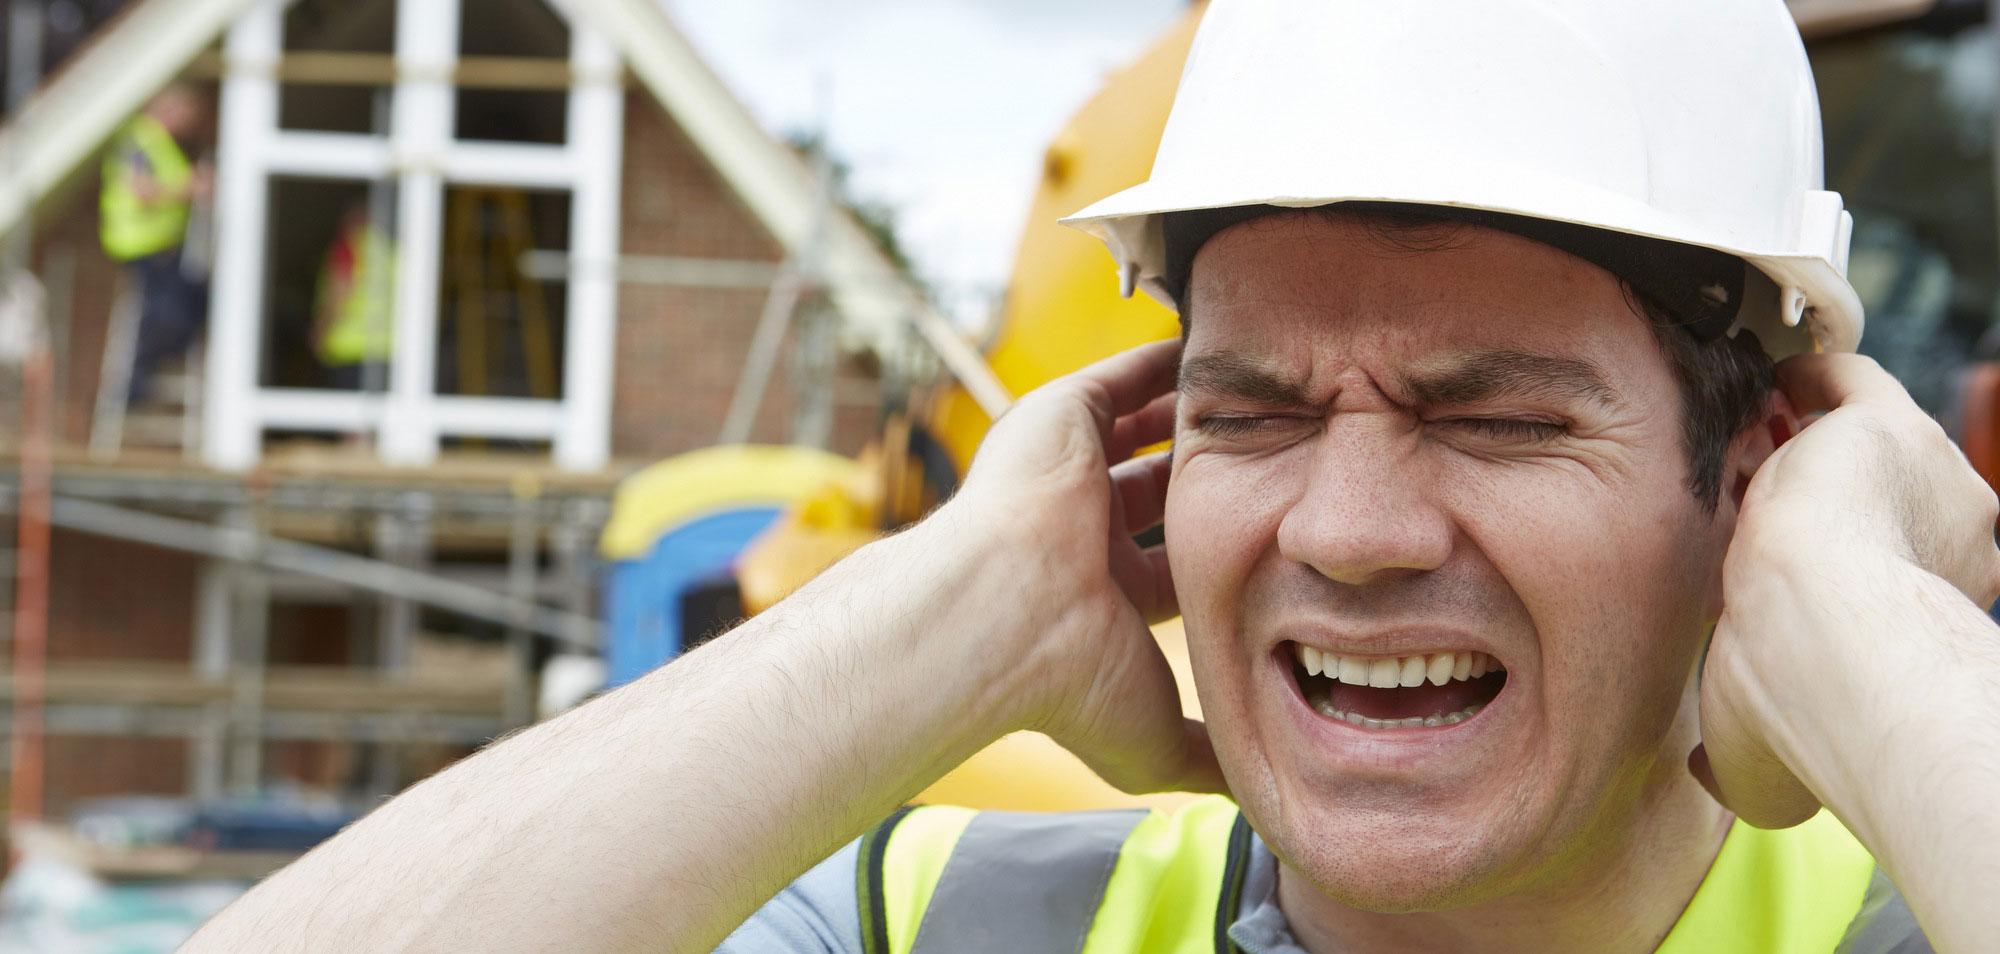 riscos-excesso-ruido-trabalho